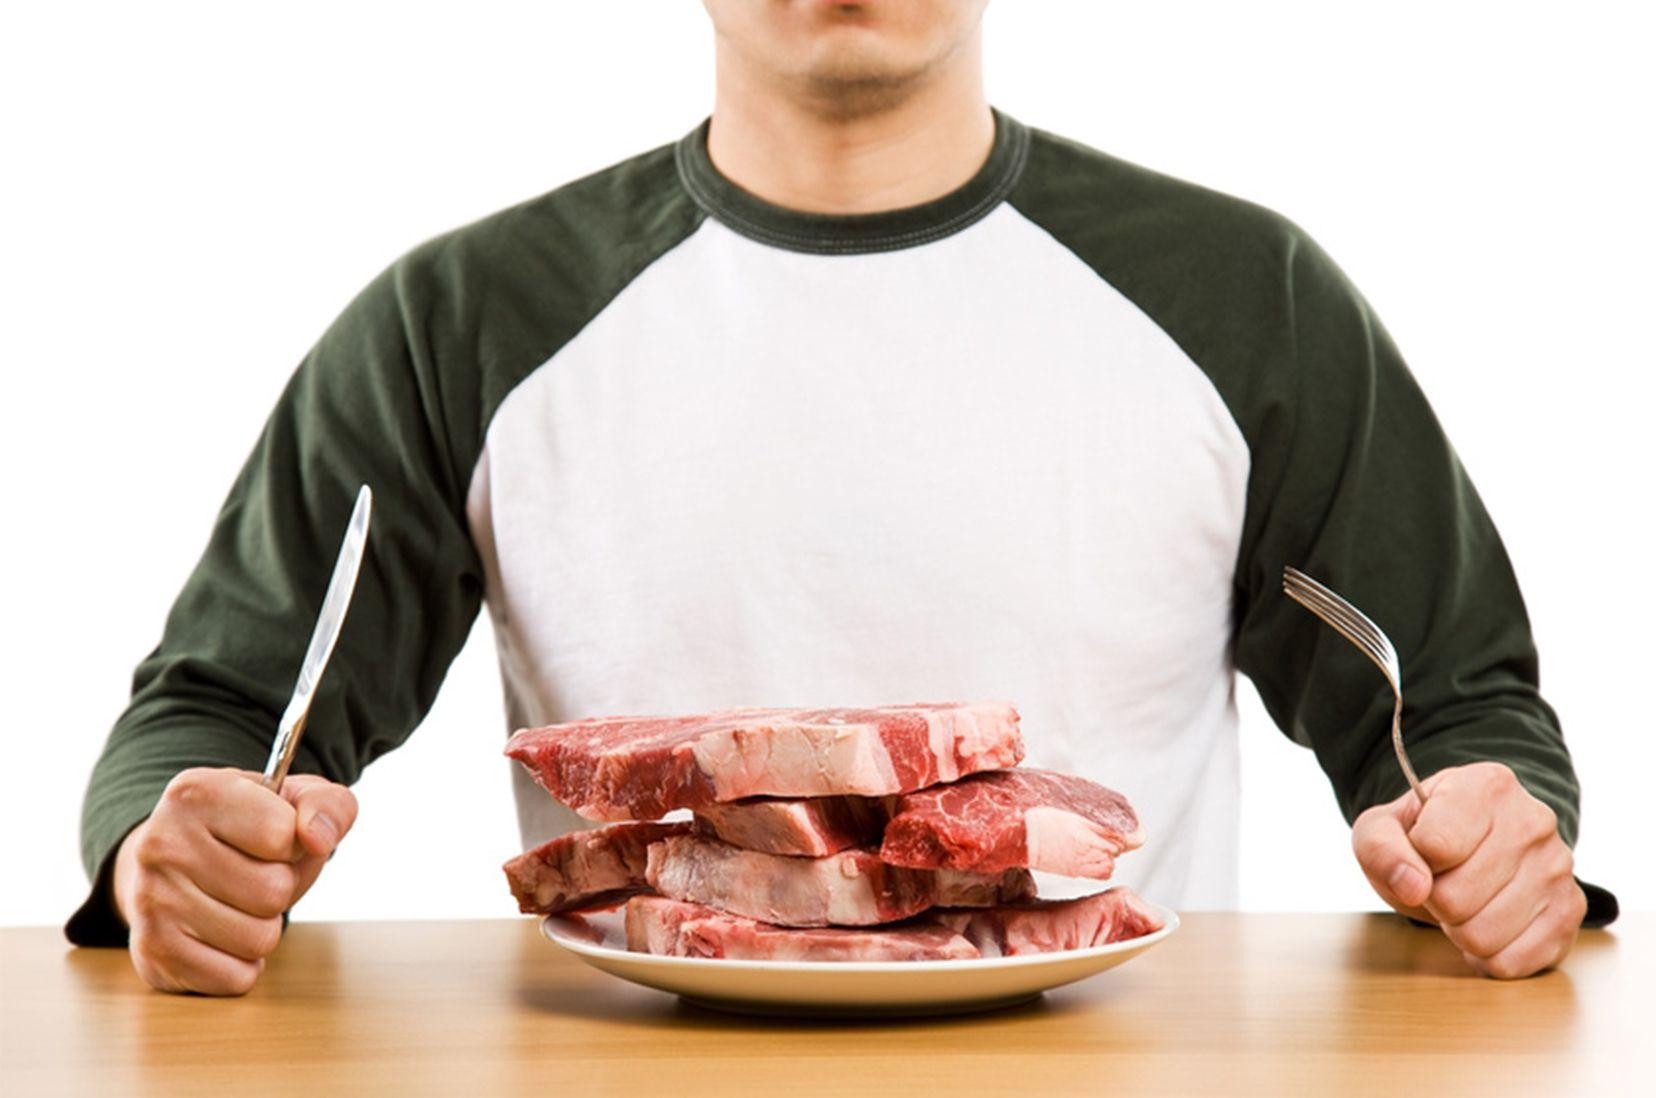 Что произойдет с организмом, если полностью отказаться от мяса